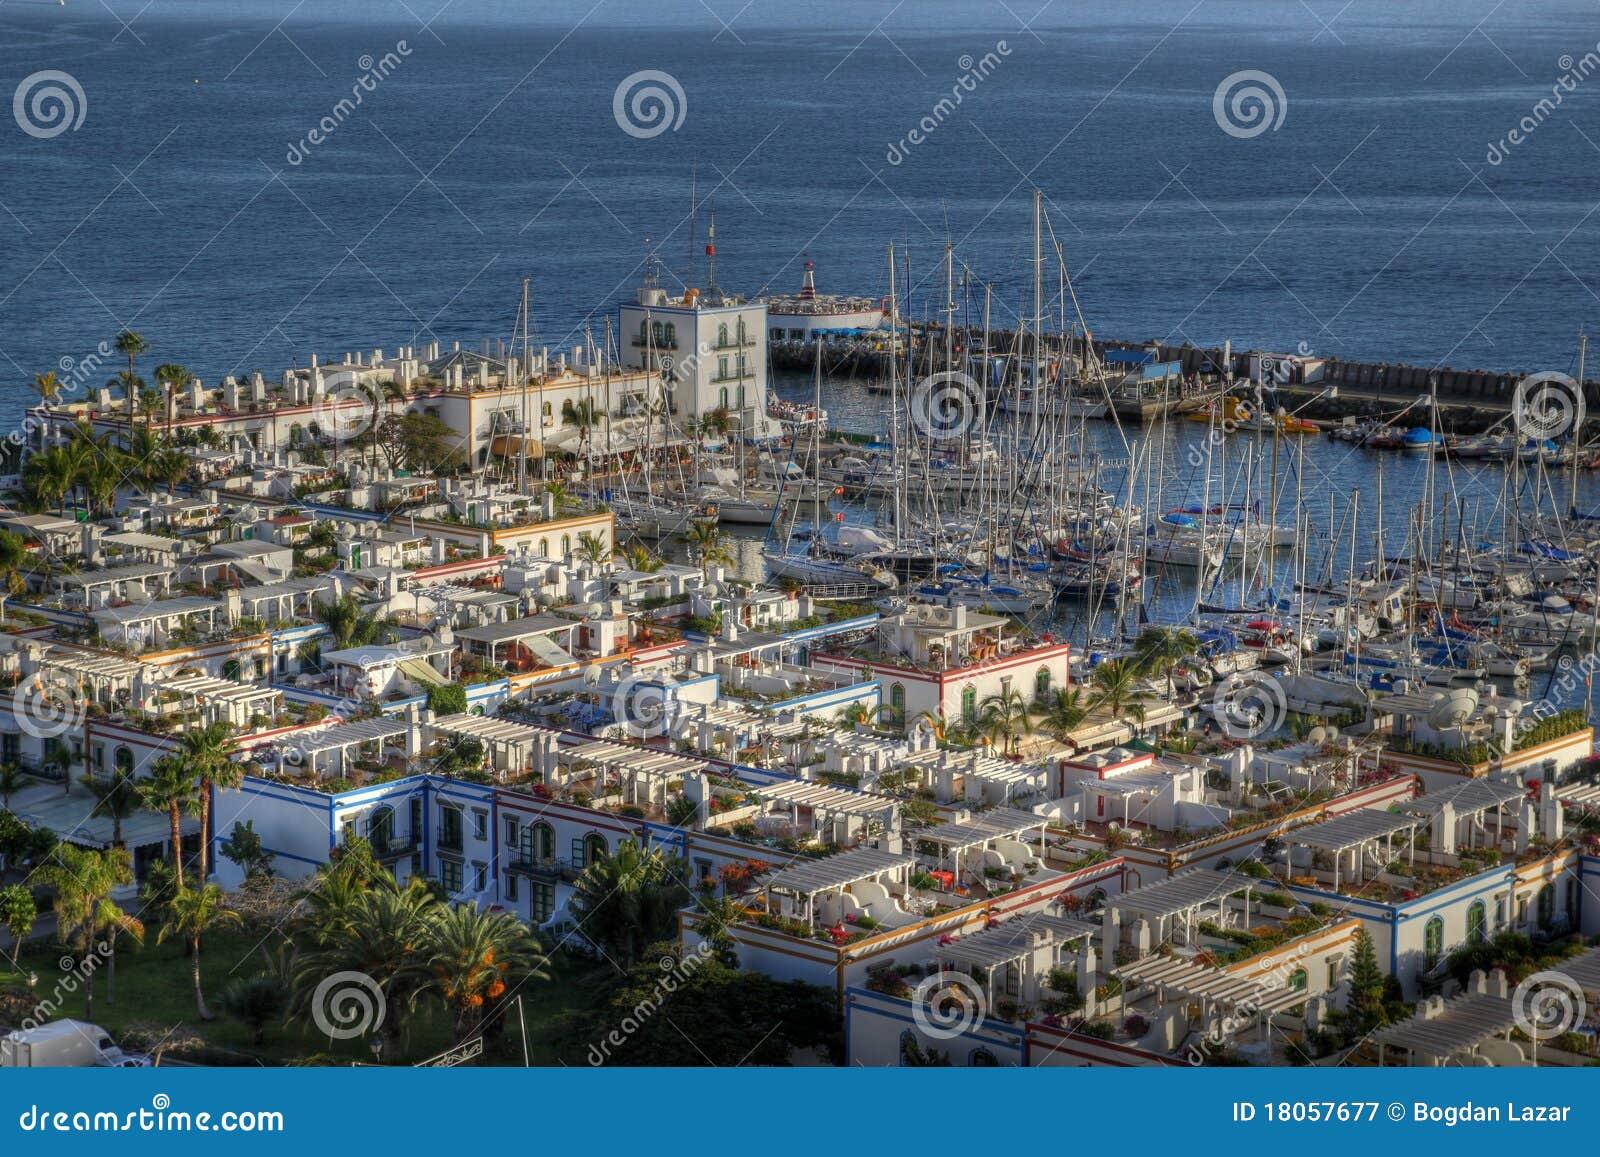 Puerto de mogan aerial gran canaria spain stock image image of aerial gran 18057677 - Puerto mogan gran canaria ...